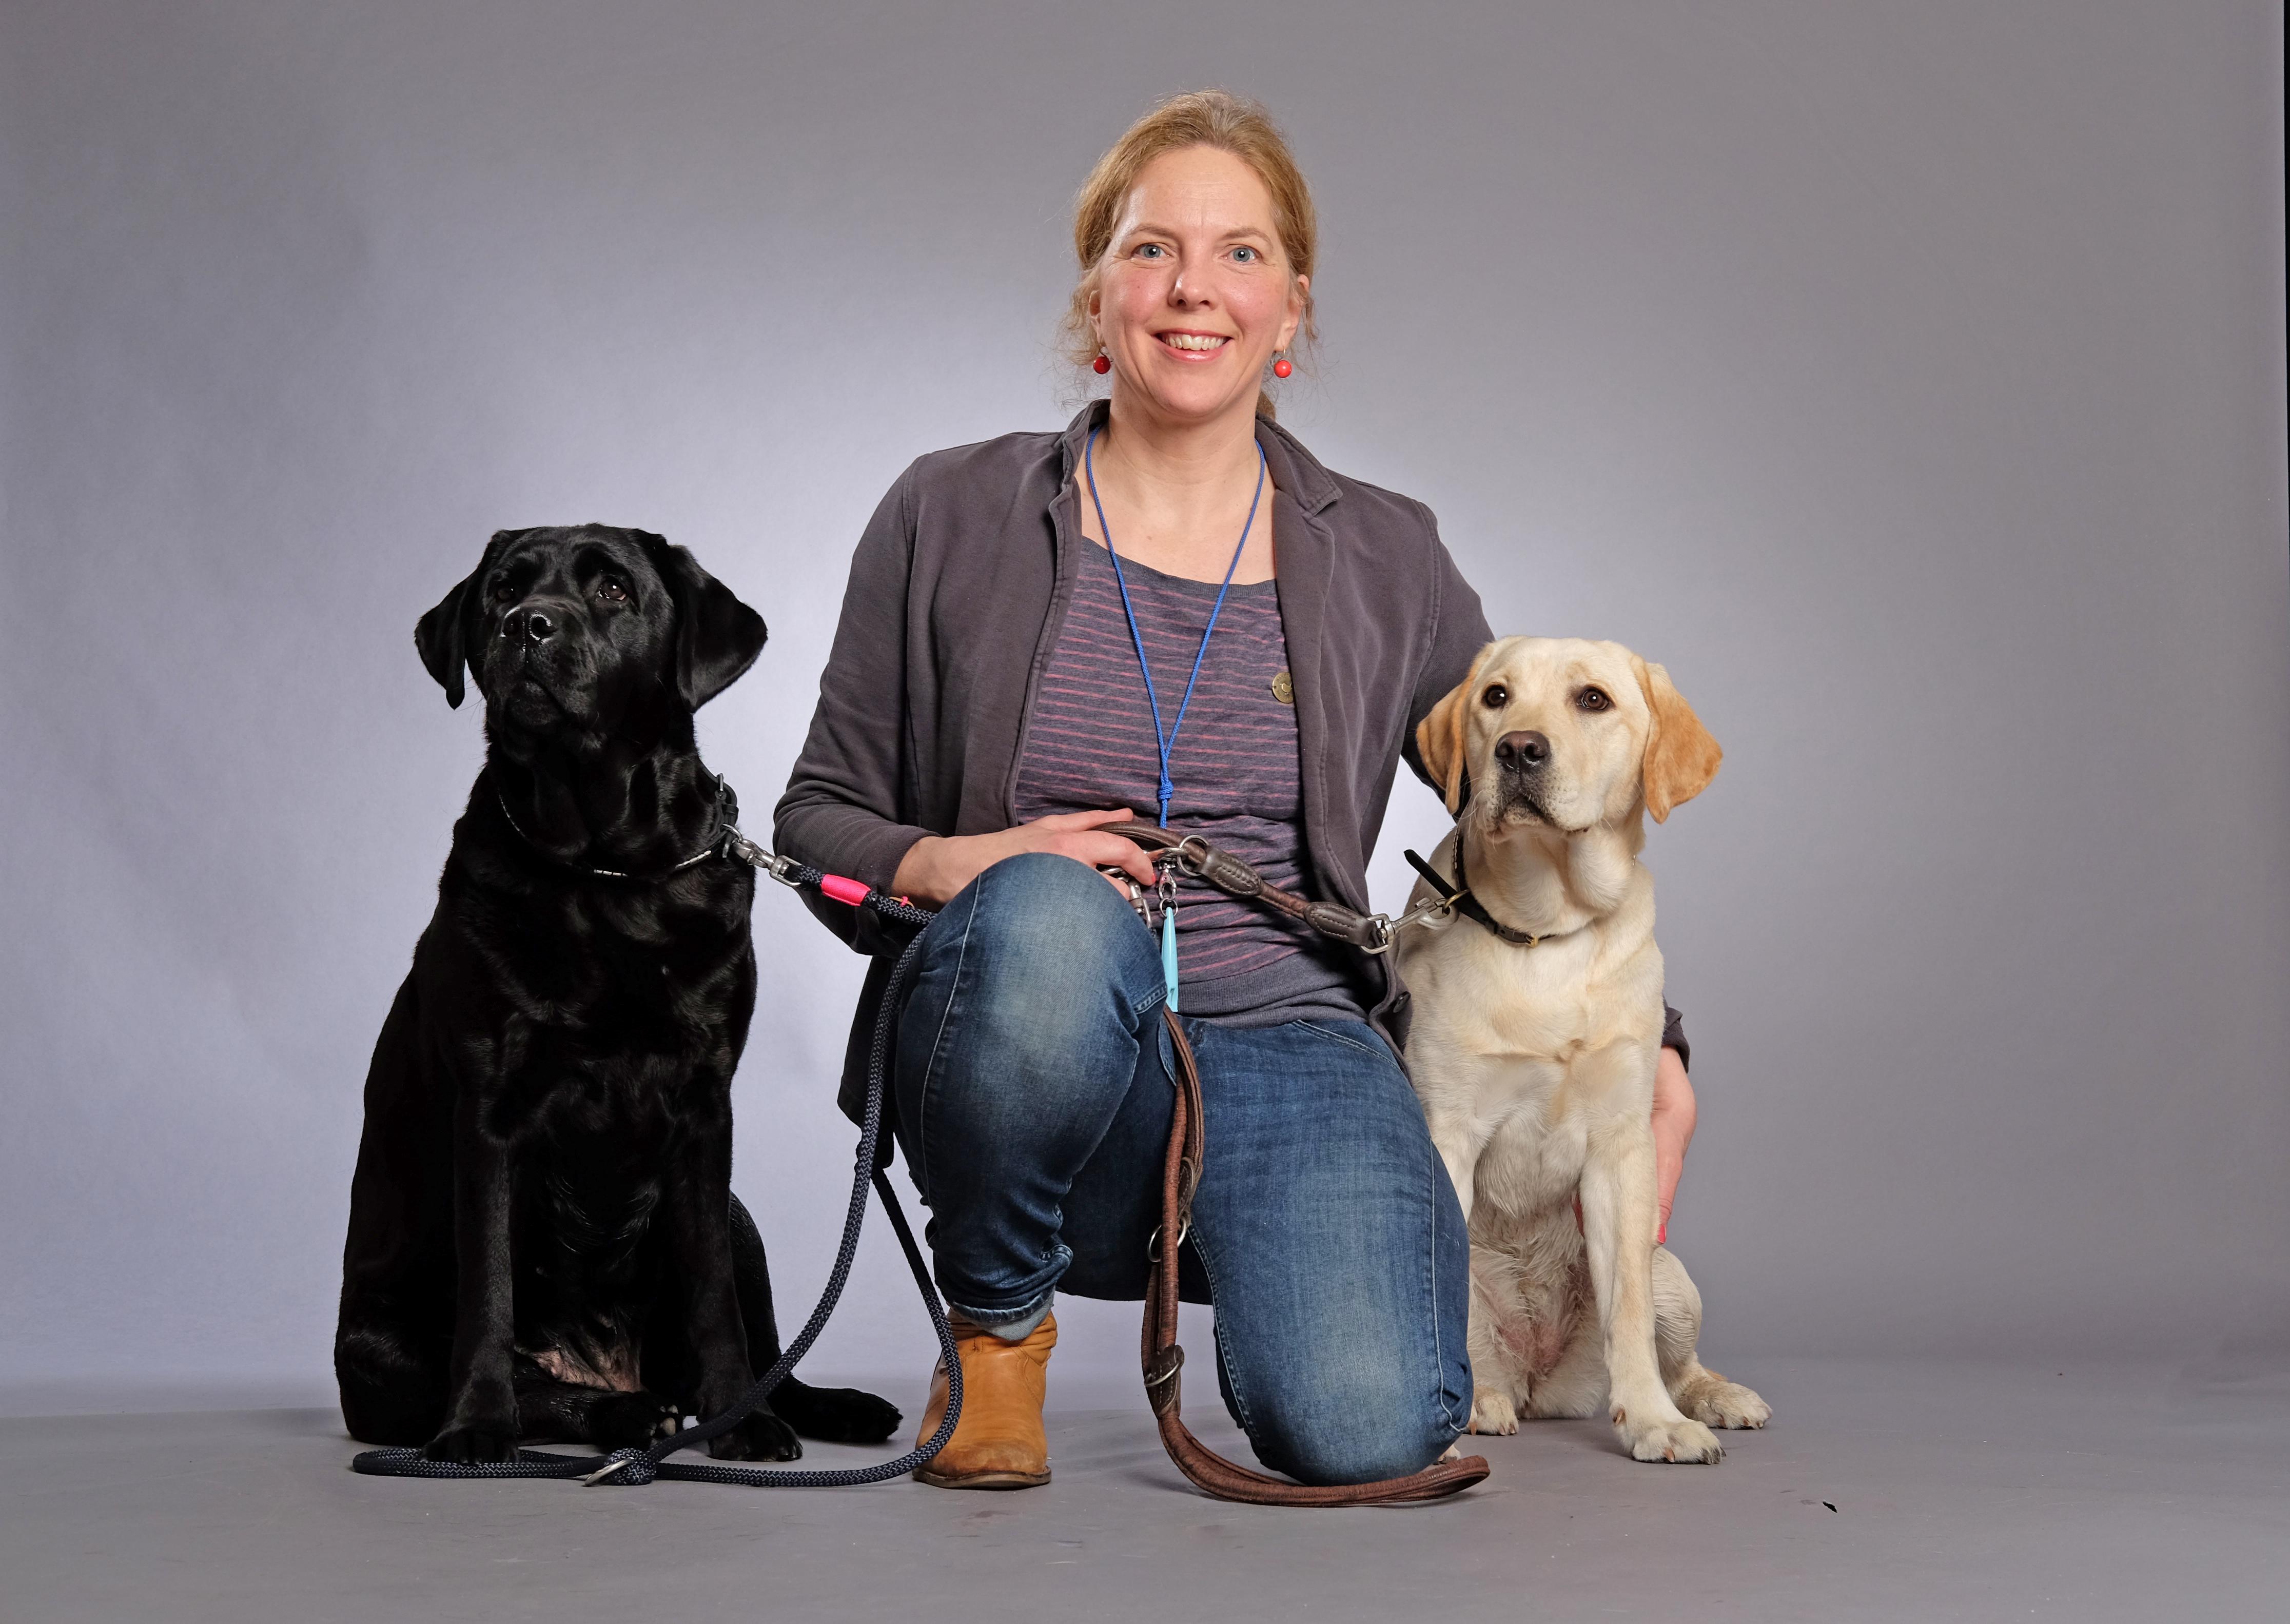 Portraitserieleser; Christina Koehler, Lehrerin und Hundezuechterin;